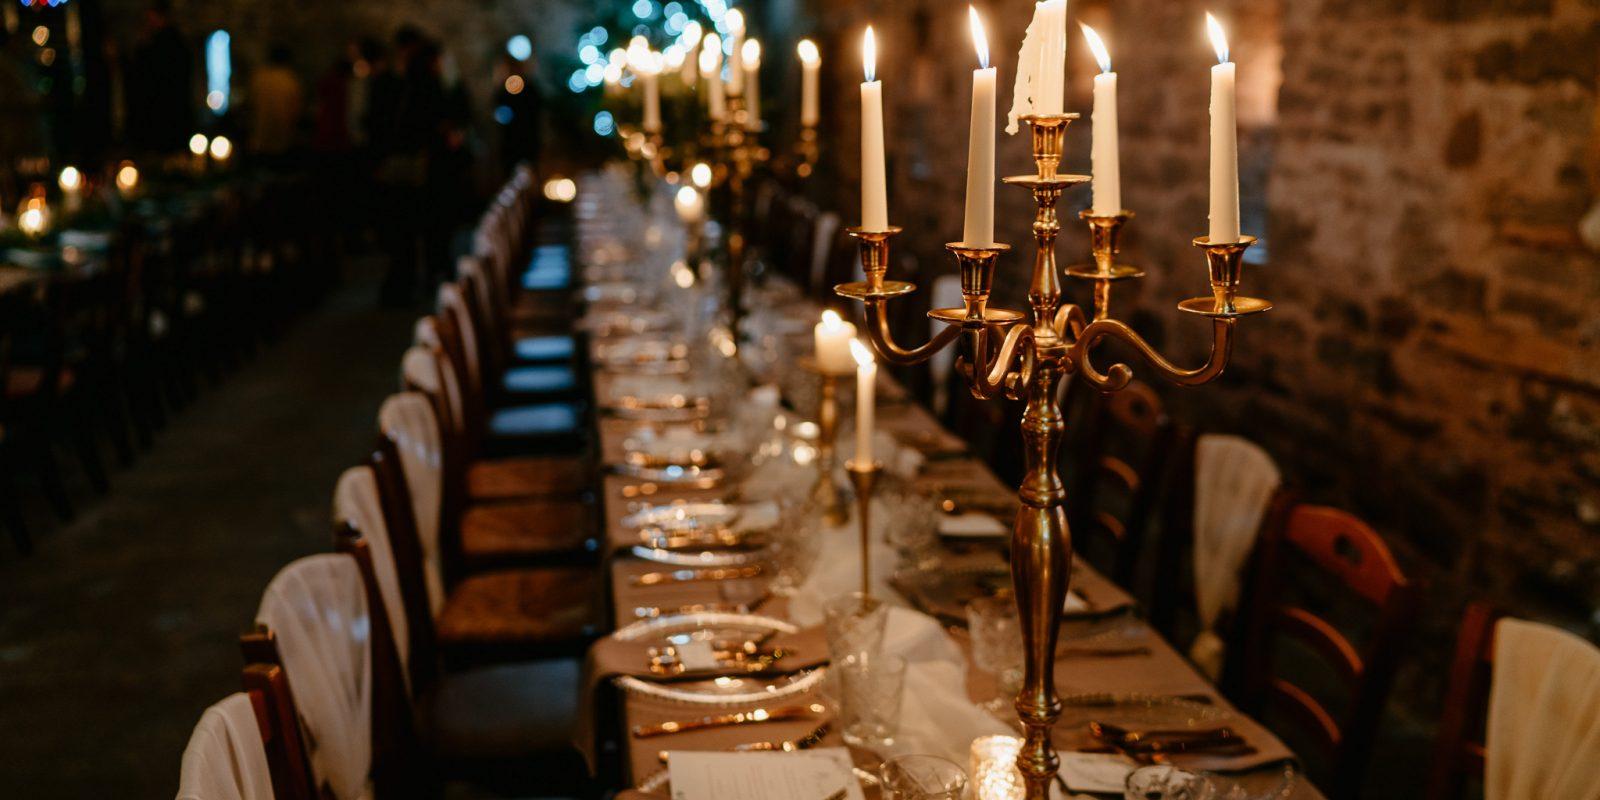 Hereford wedding venues